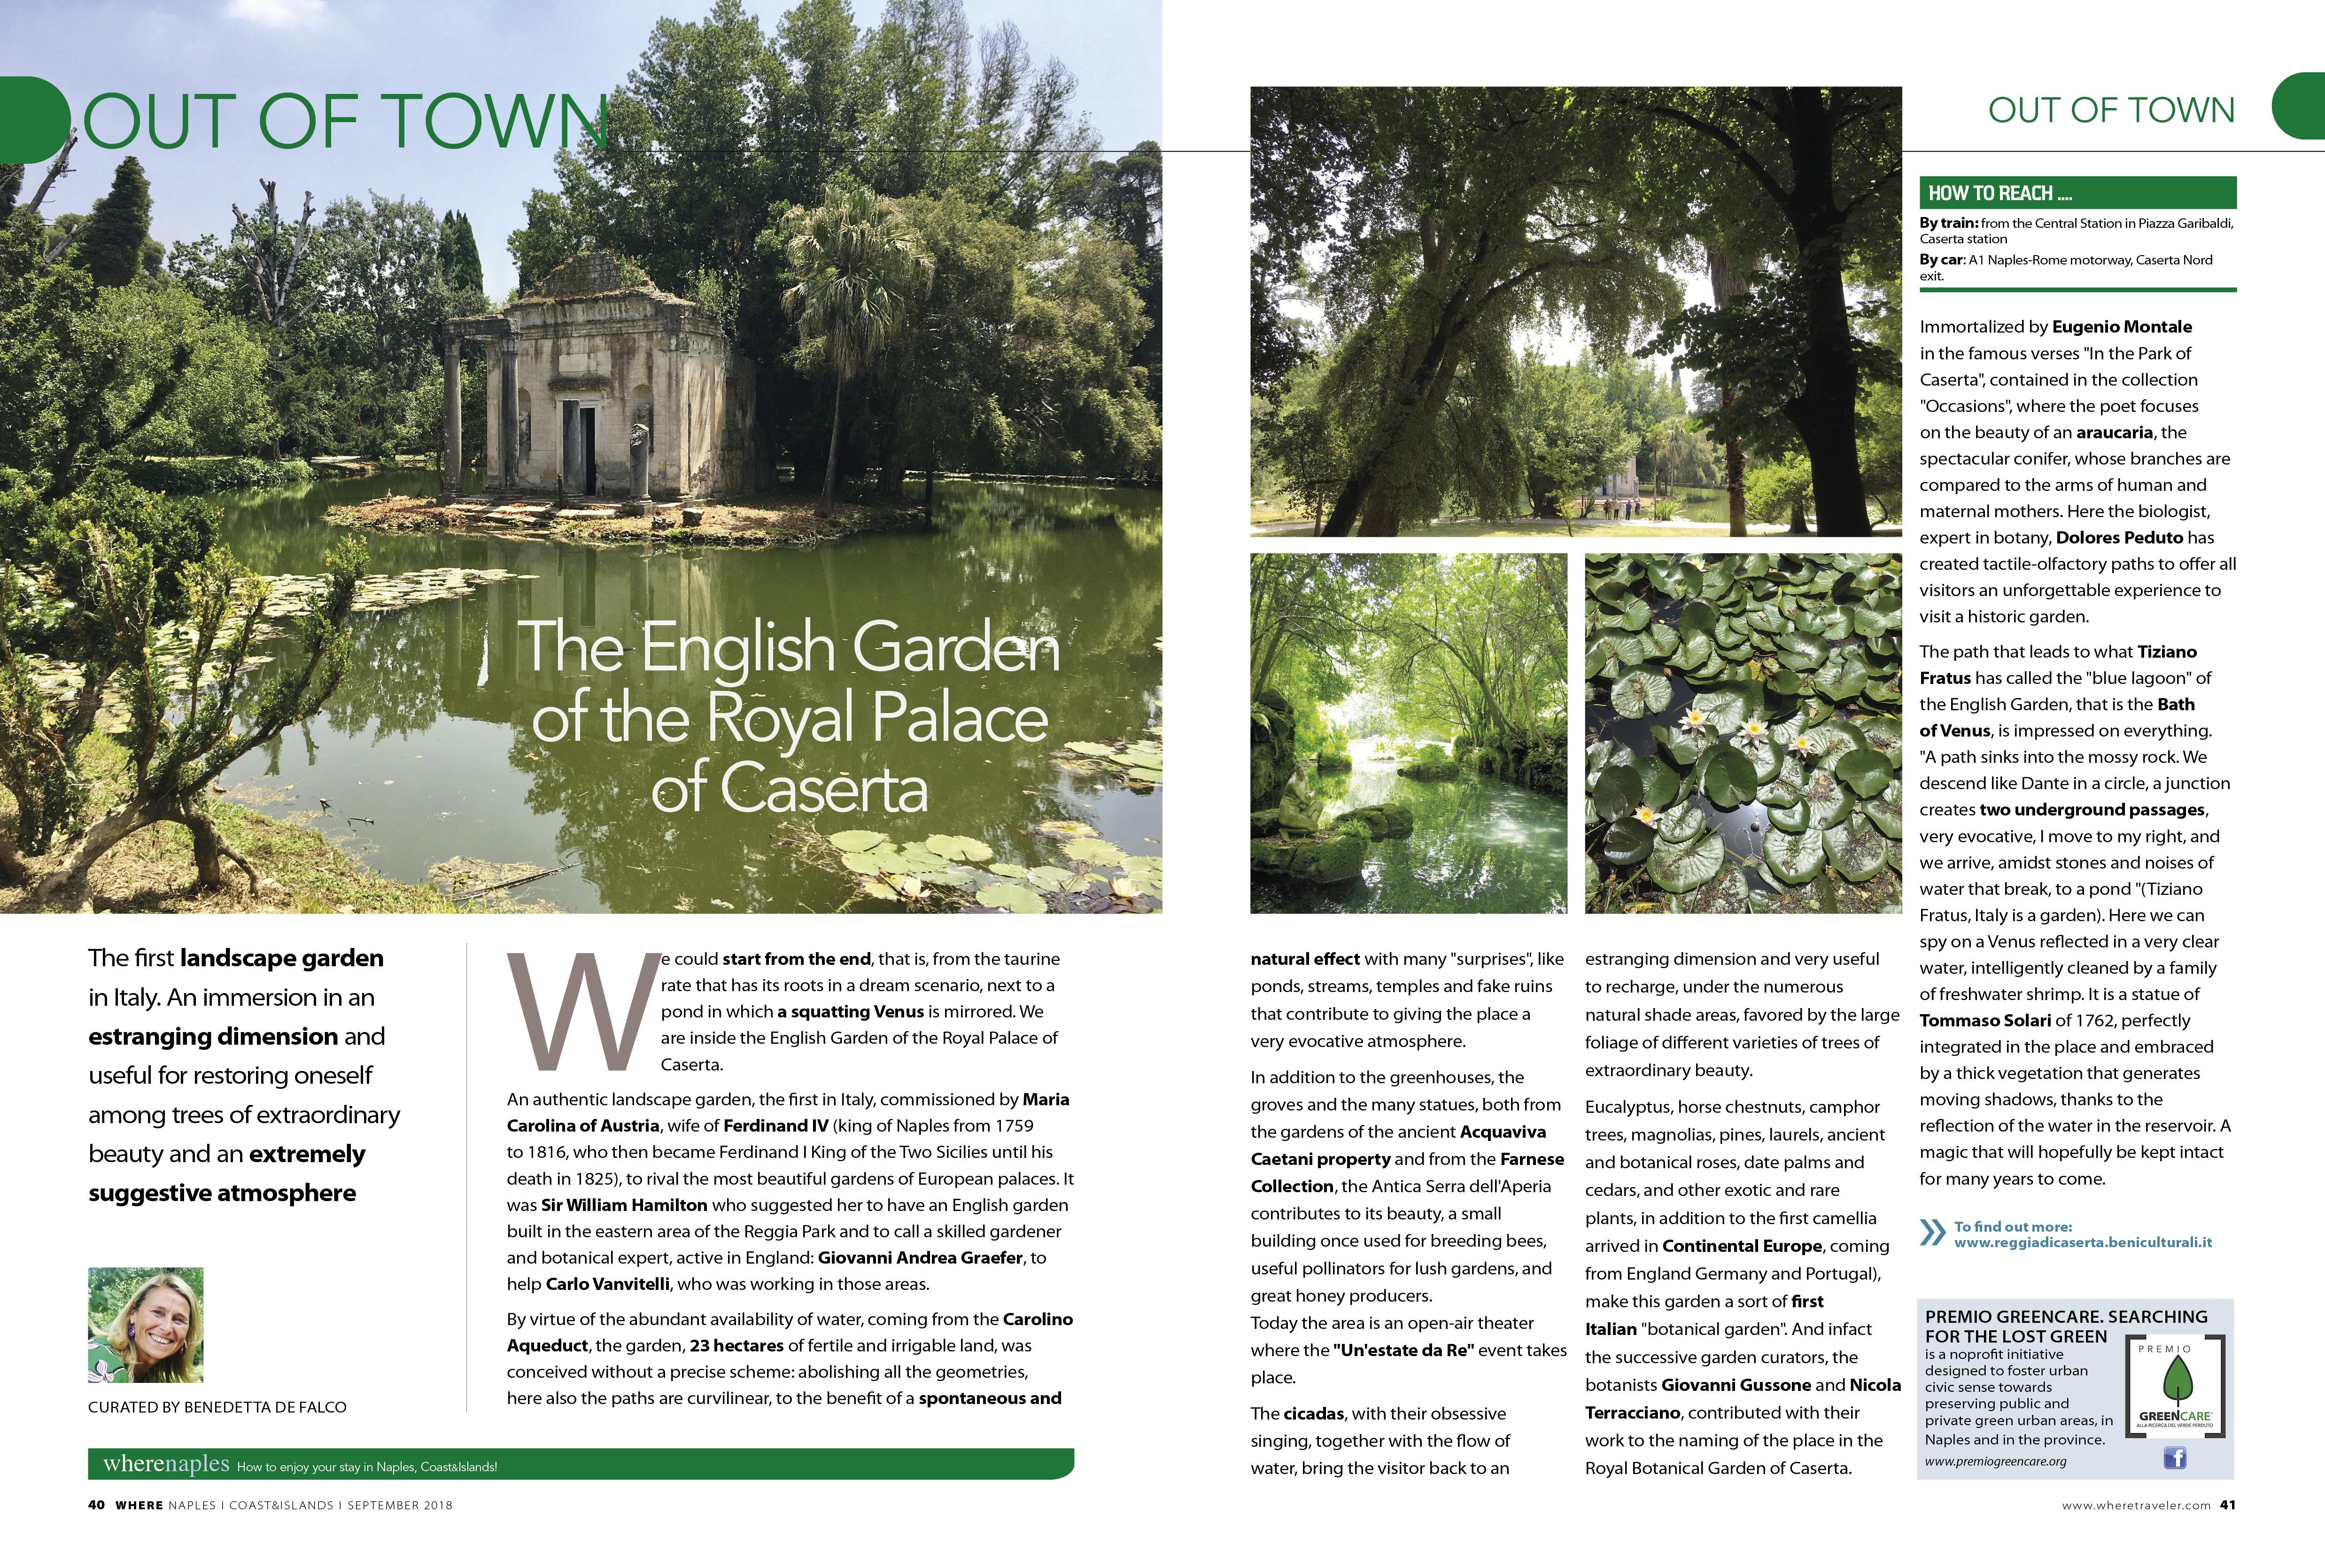 Come Fare Un Giardino Inglese le meraviglie del giardino inglese di caserta - premio greencare